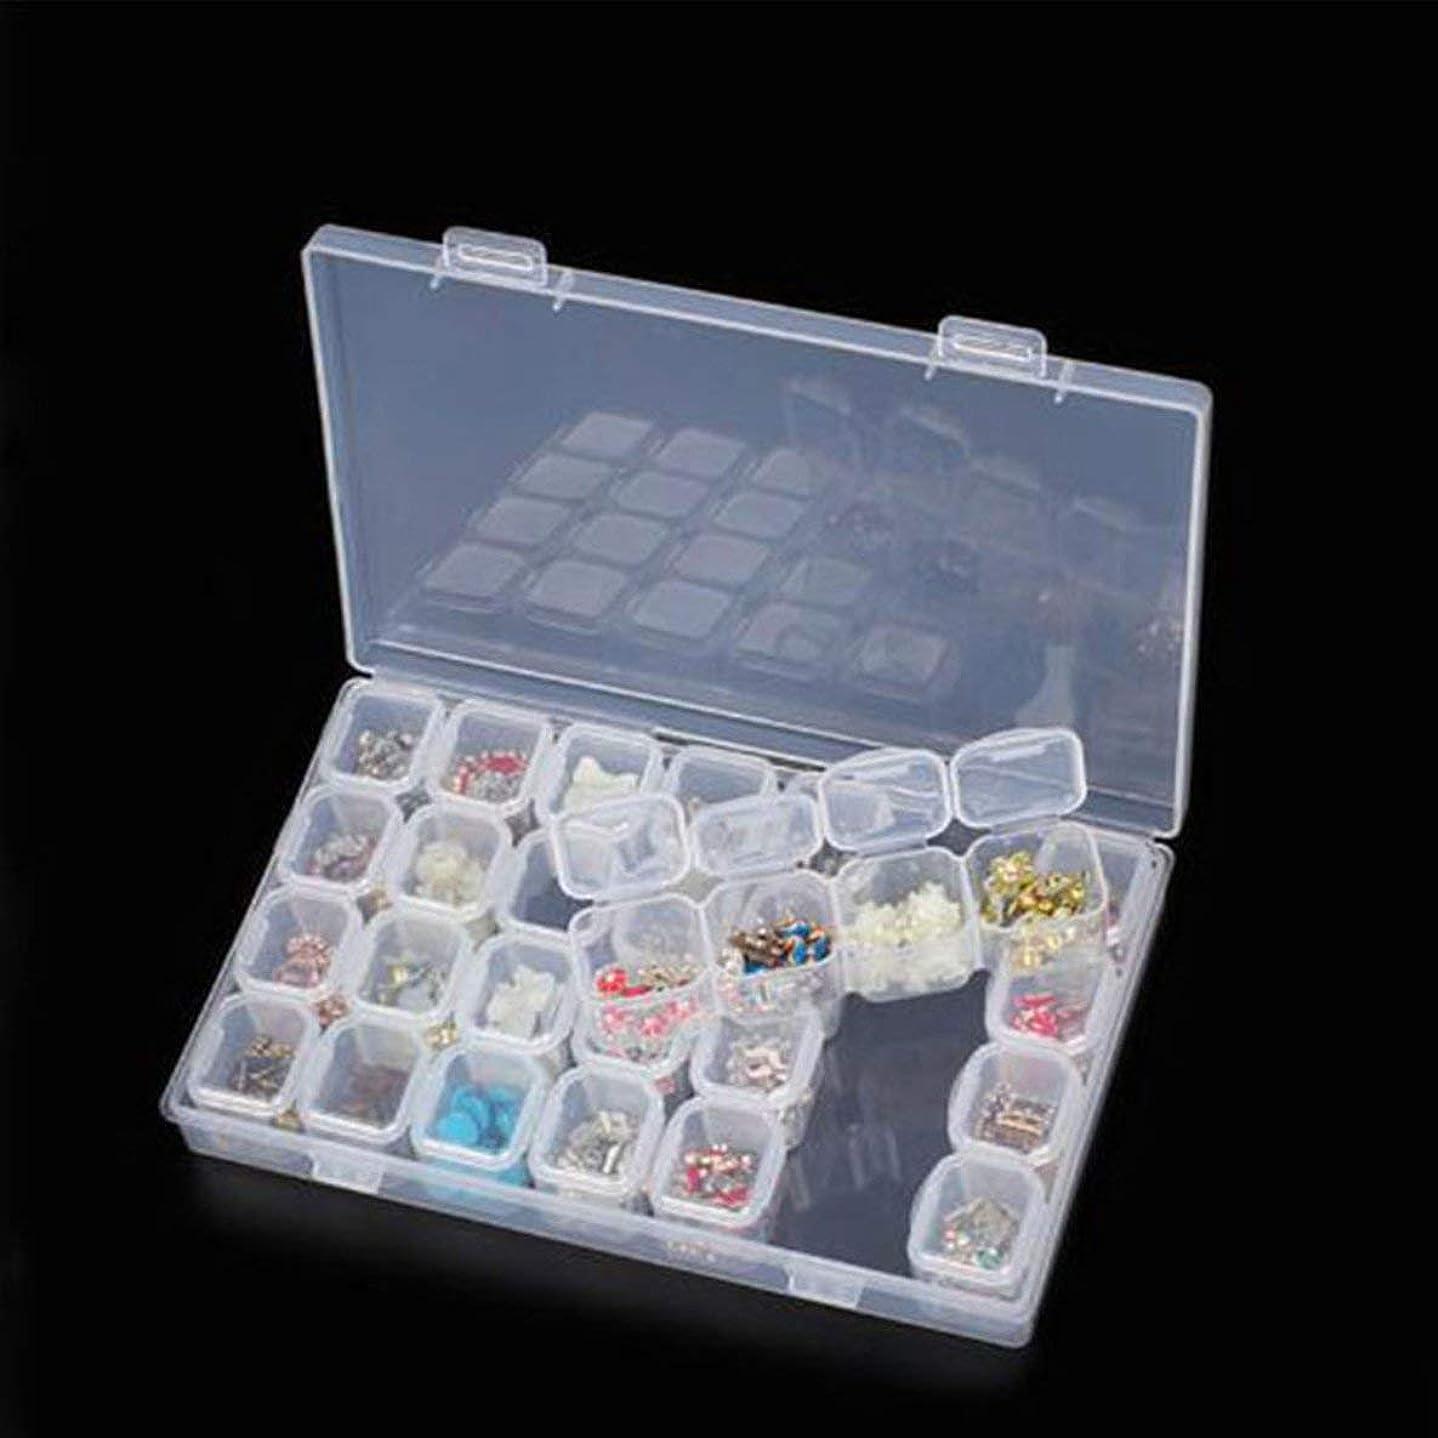 ファシズムしゃがむ賞Birdlantern 28スロットプラスチック収納ボックスダイヤモンド塗装キットネイルアートラインストーンツールビーズ収納ボックスケースオーガナイザーホルダー